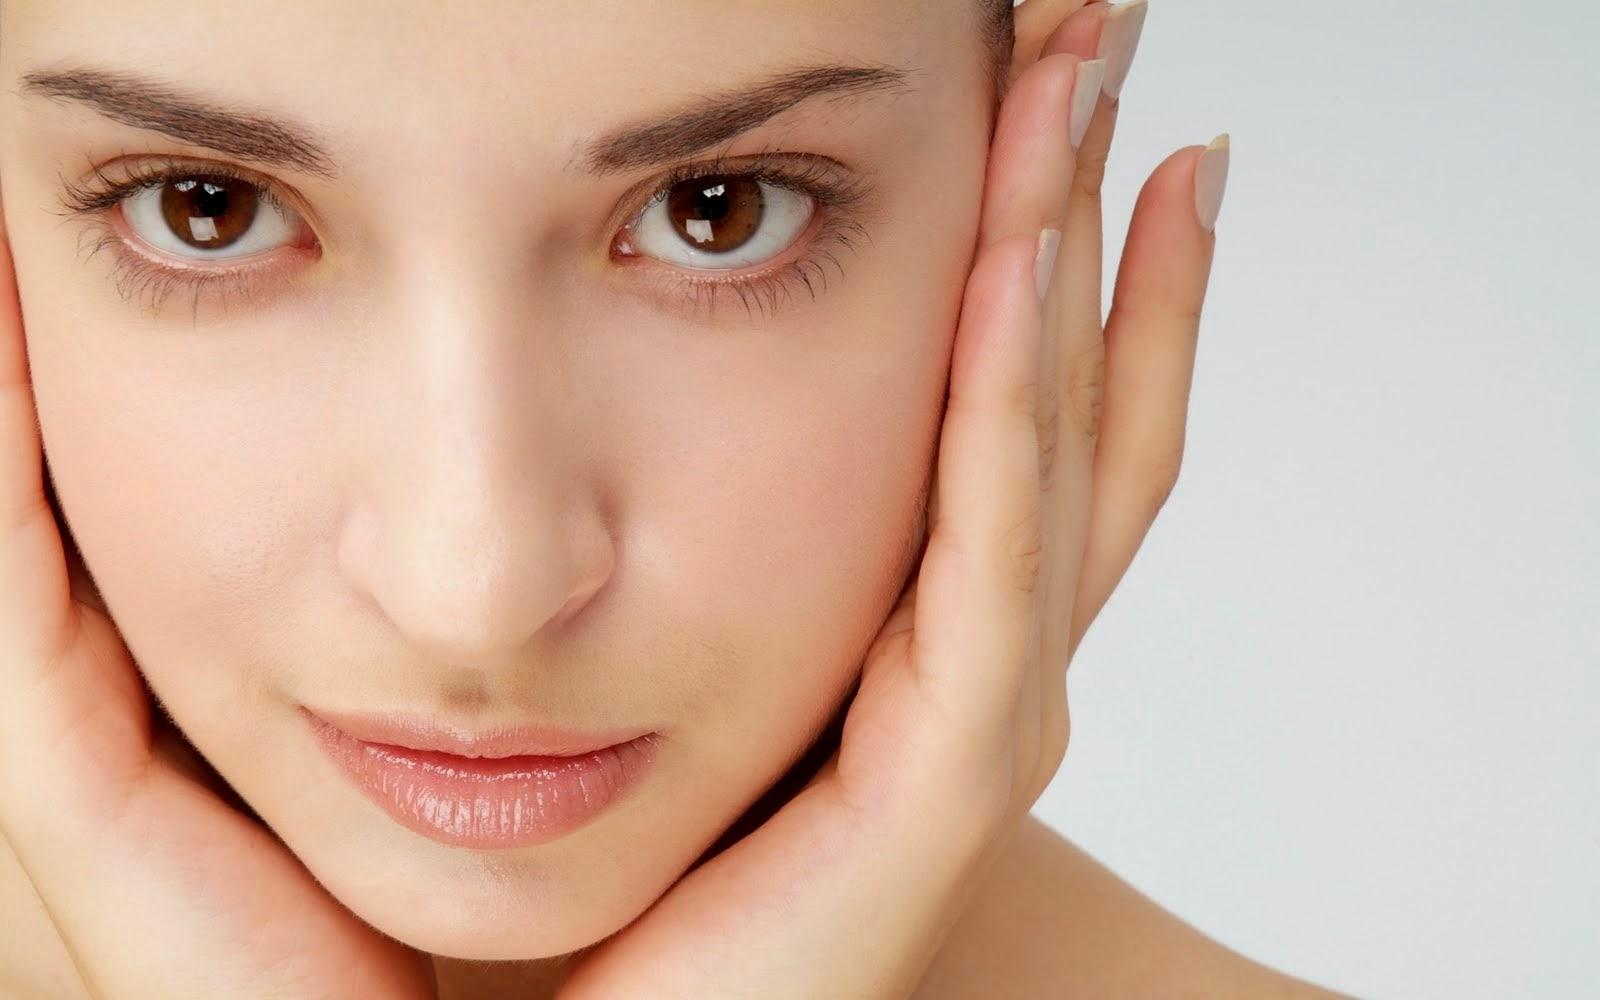 Gimana ya cara menghaluskan kulit yang aman?